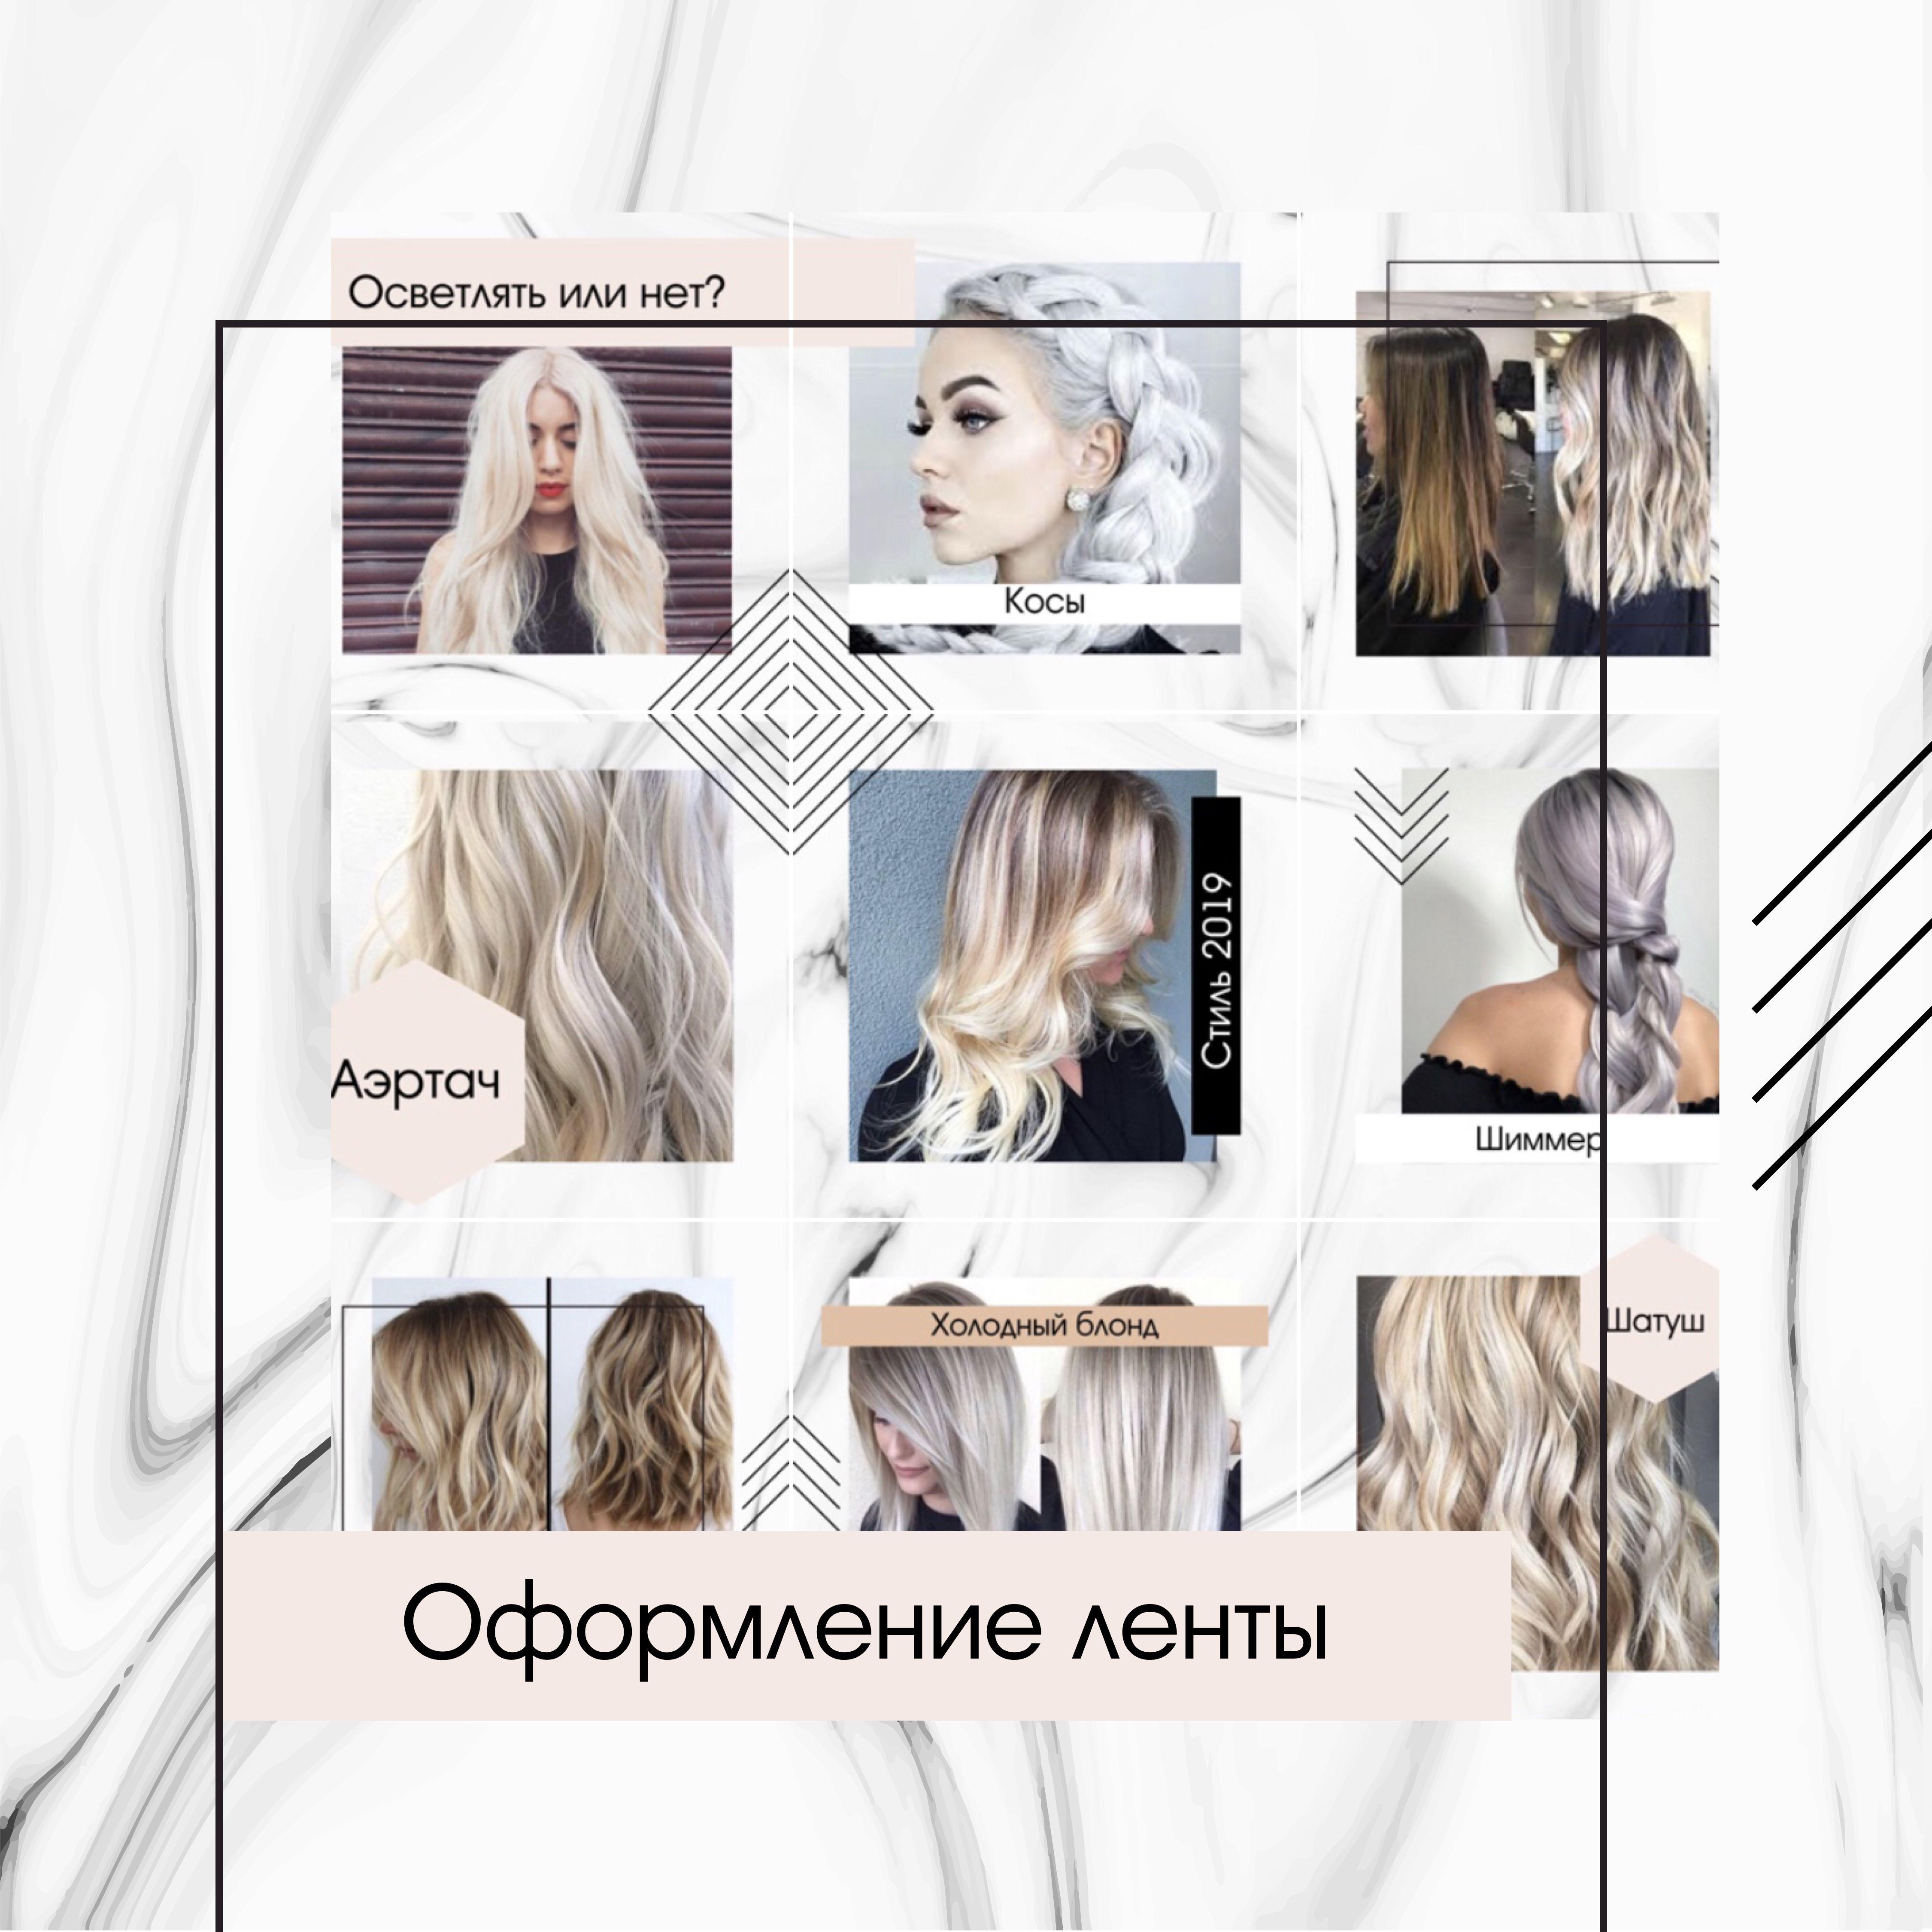 Как красиво оформить начинающему парикмахеру профиль в Инстаграме